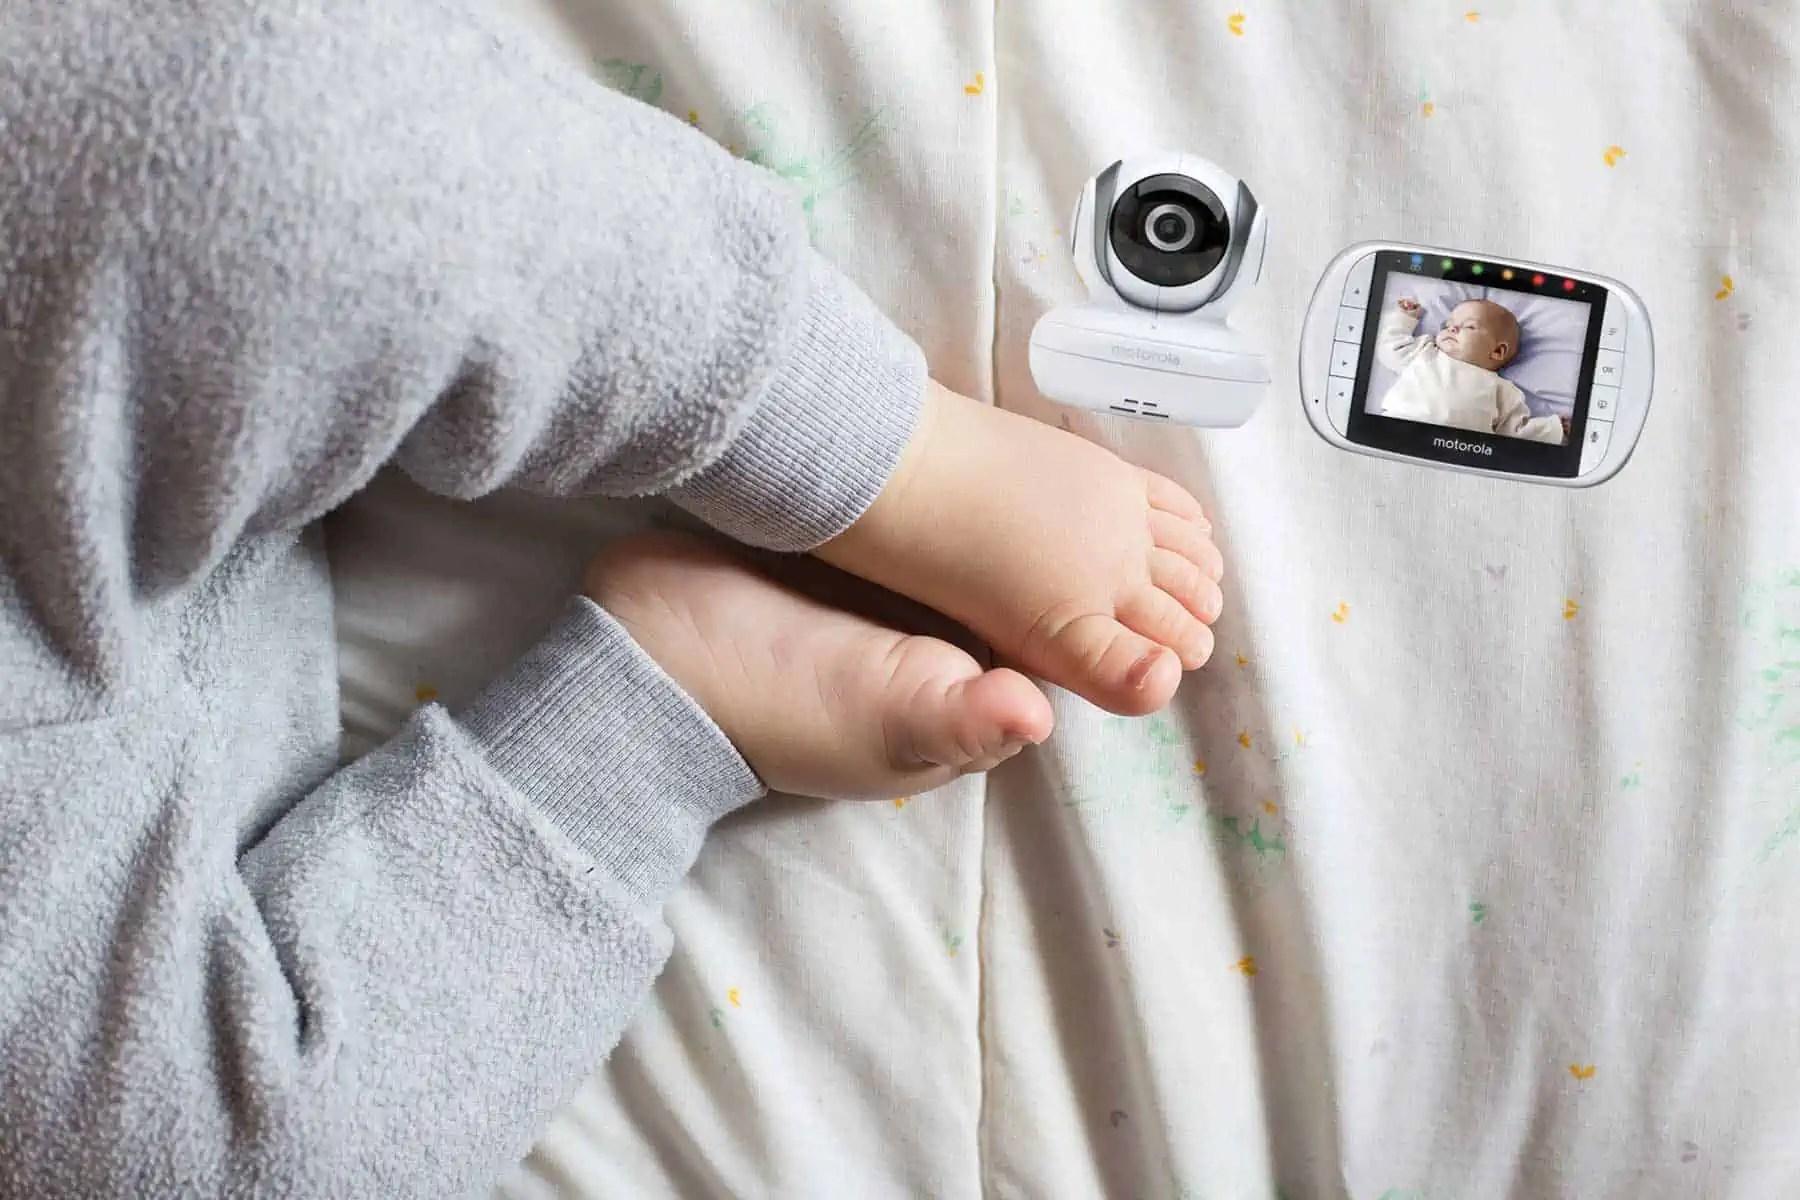 Meilleur babyphone video 2019 – Comment bien choisir ?